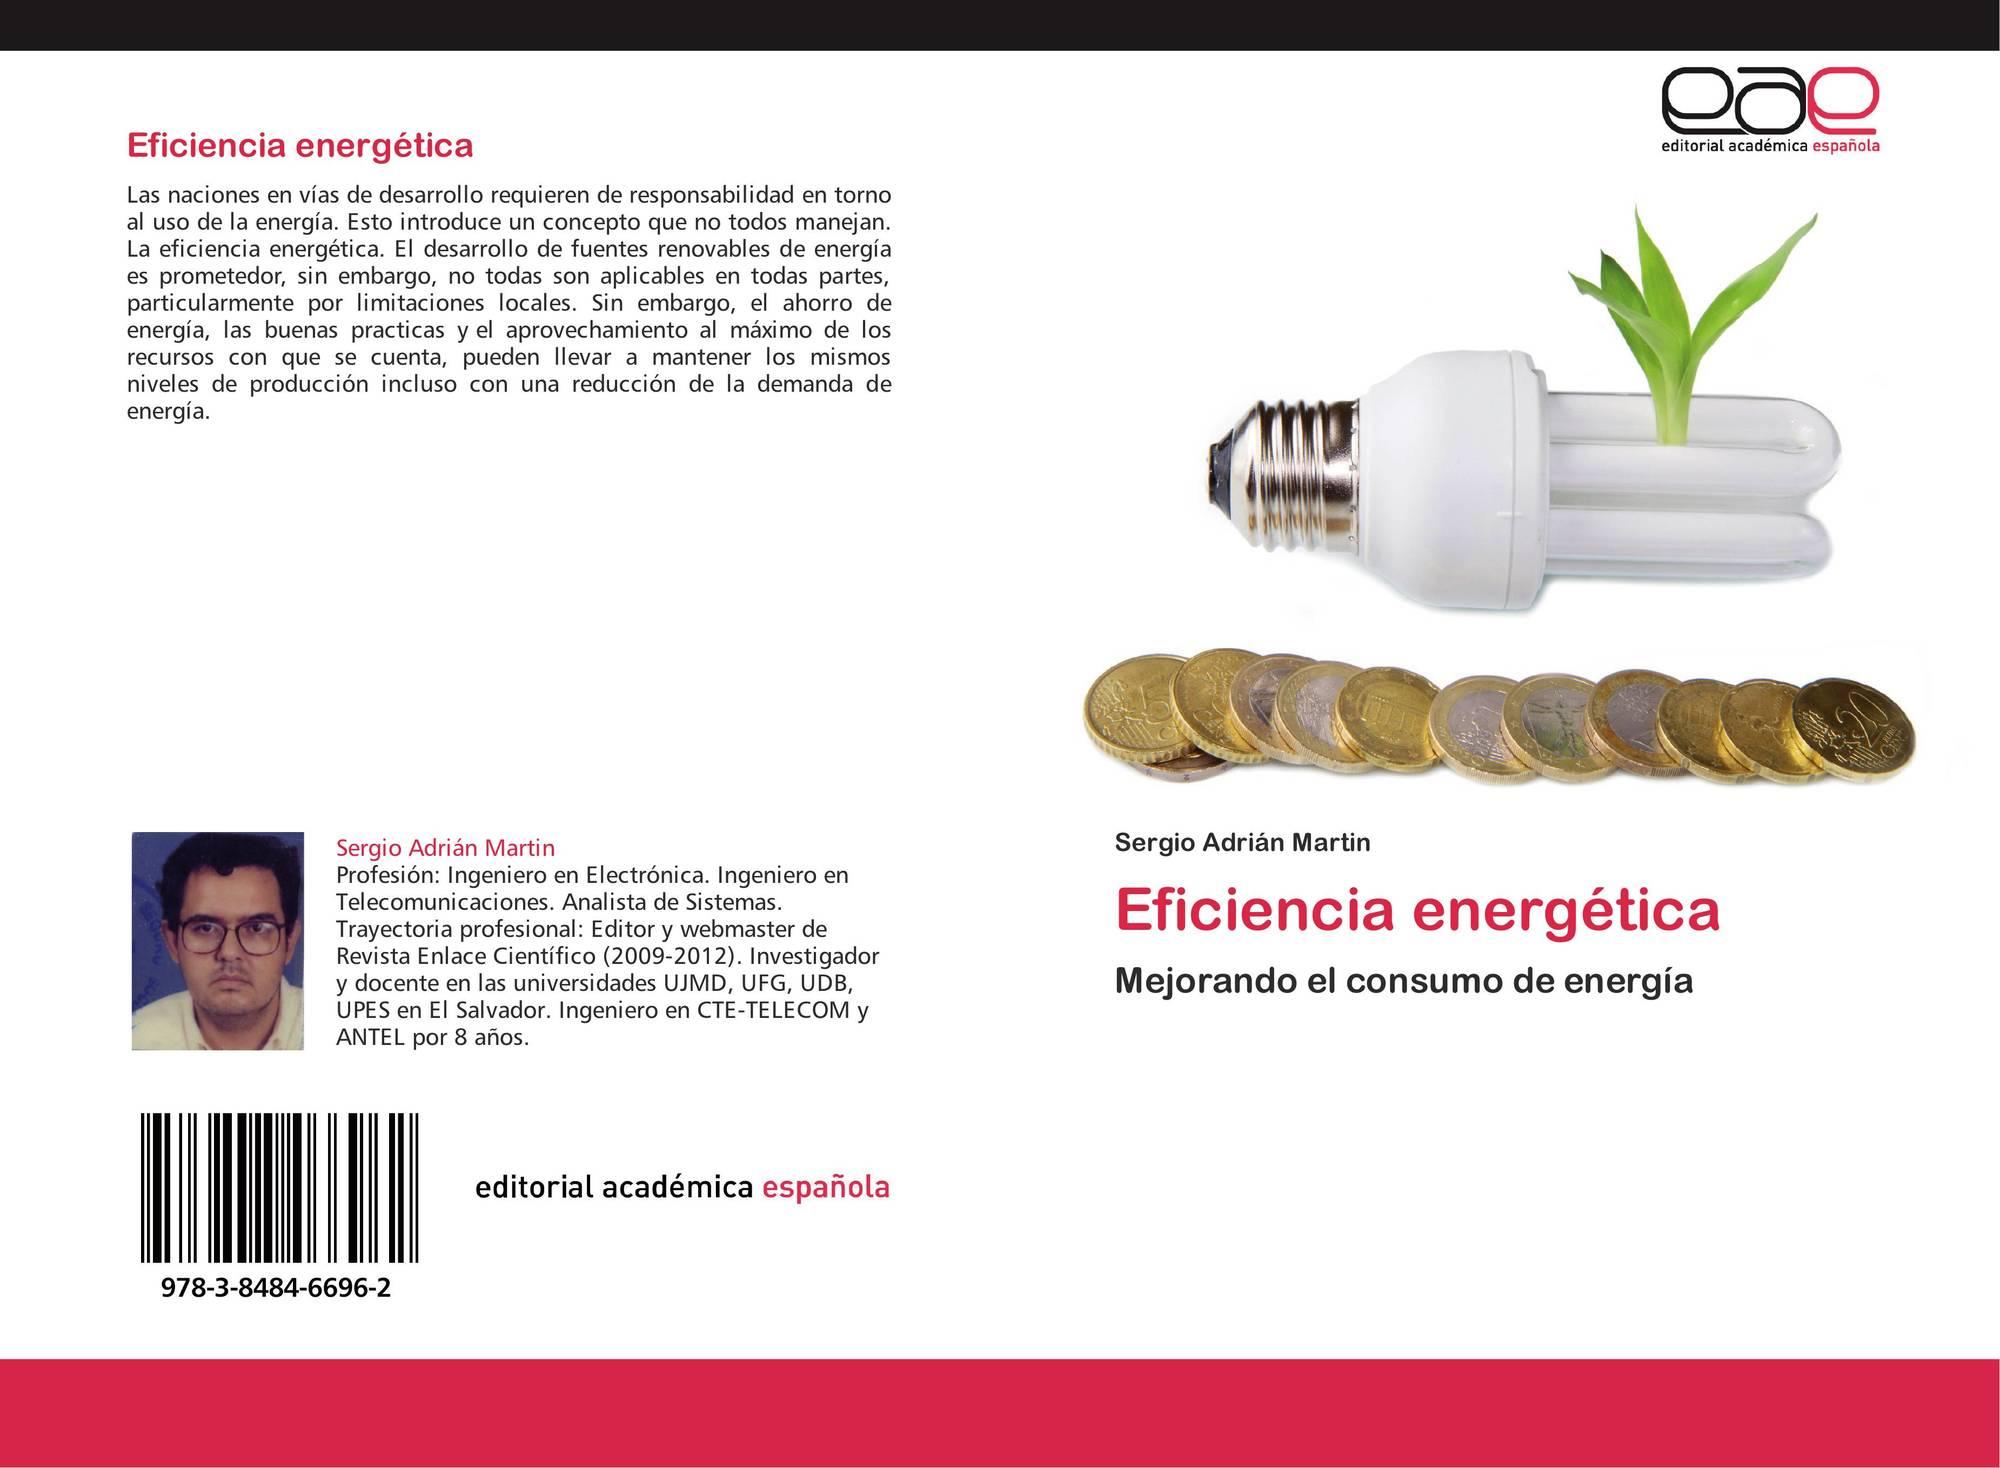 Portada del libro de eficiencia energ tica